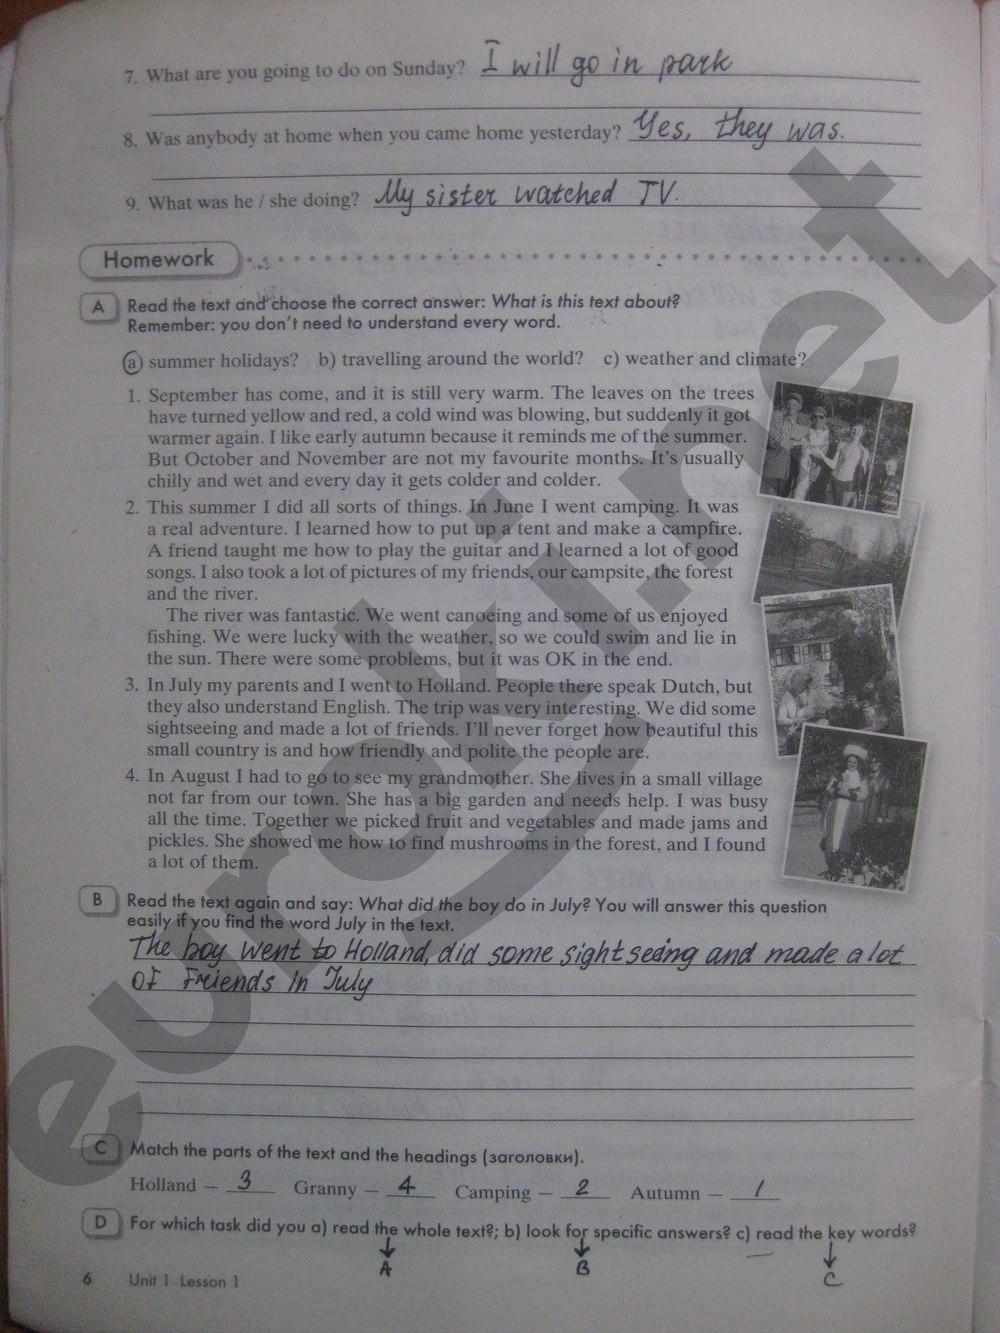 тетрадь гдз по английскому 2 классу рабочая кауфман часть по 8